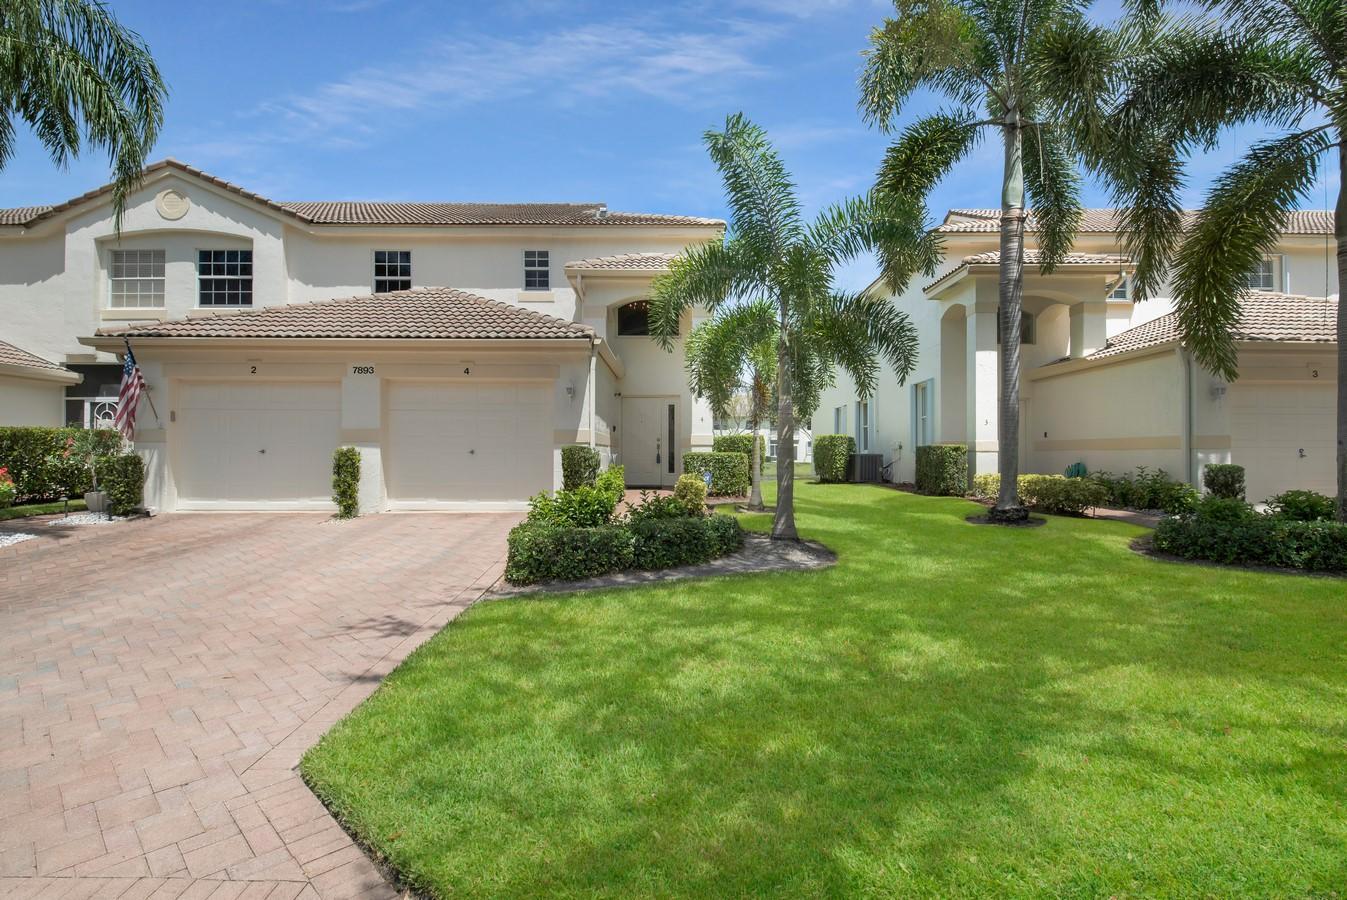 7893 Laina Lane 4 Boynton Beach, FL 33437 photo 1